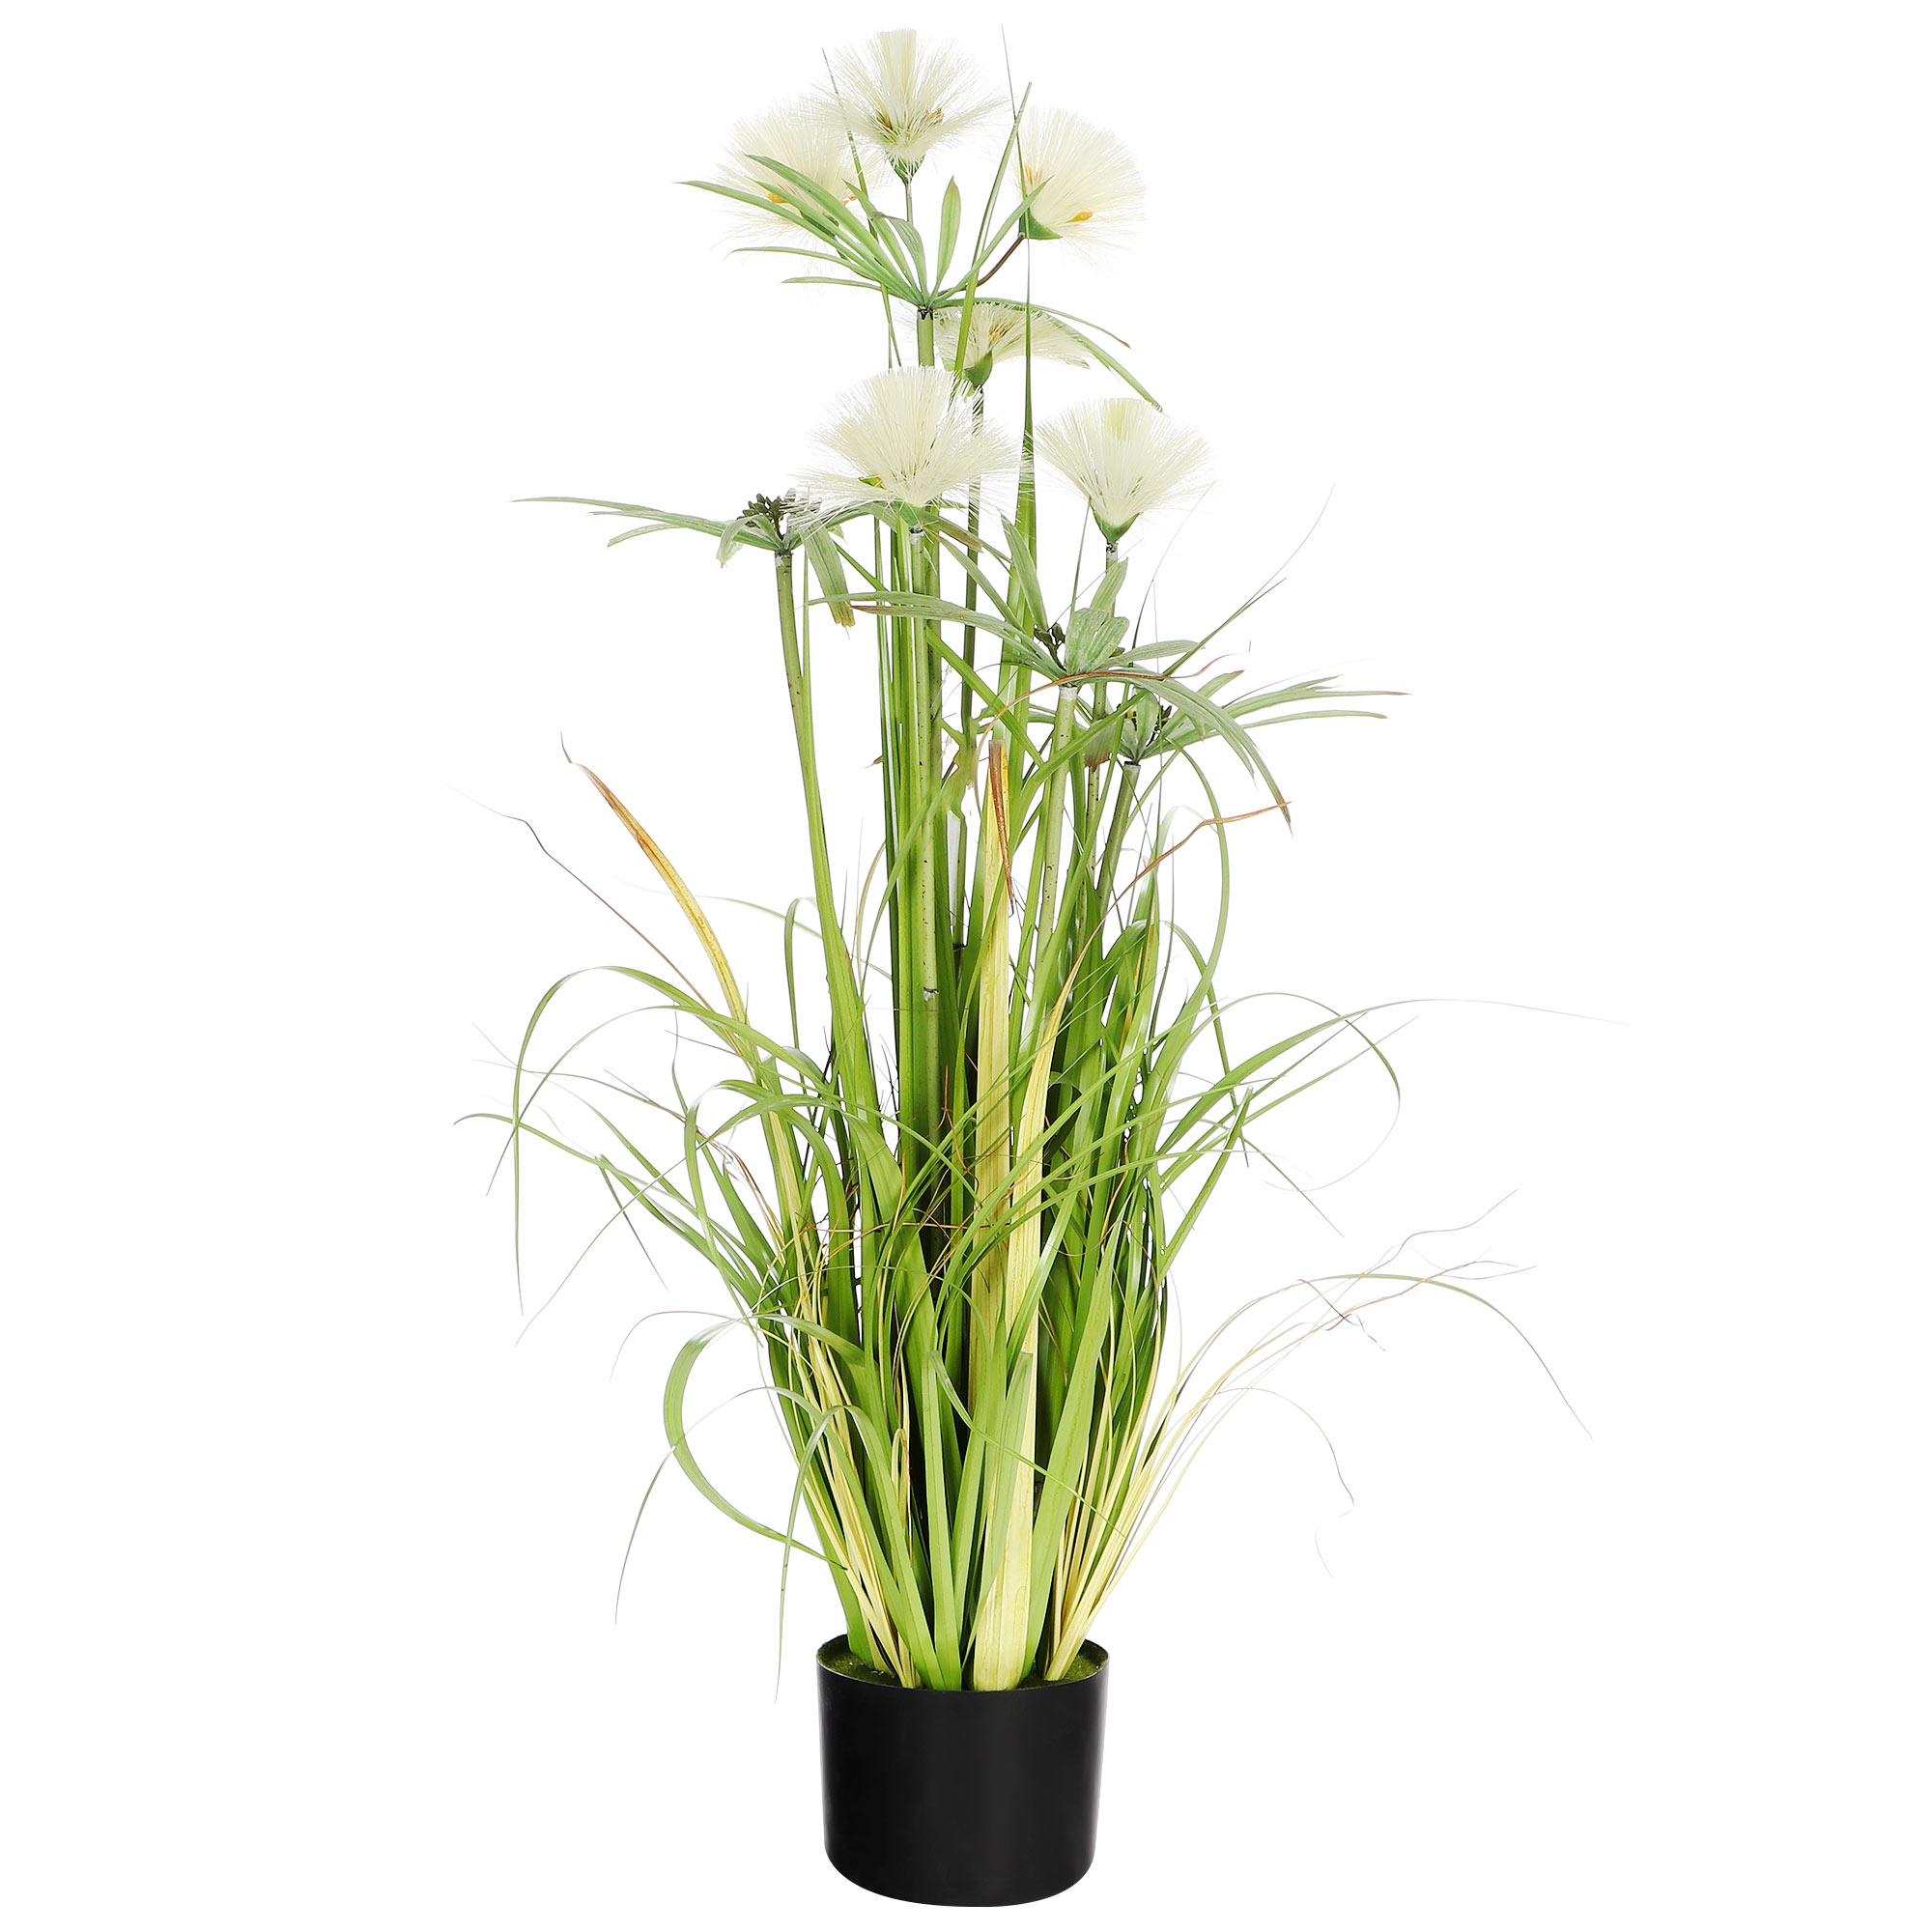 Цветок искусственный Shandong hr arts Папирус в горшке 91 см